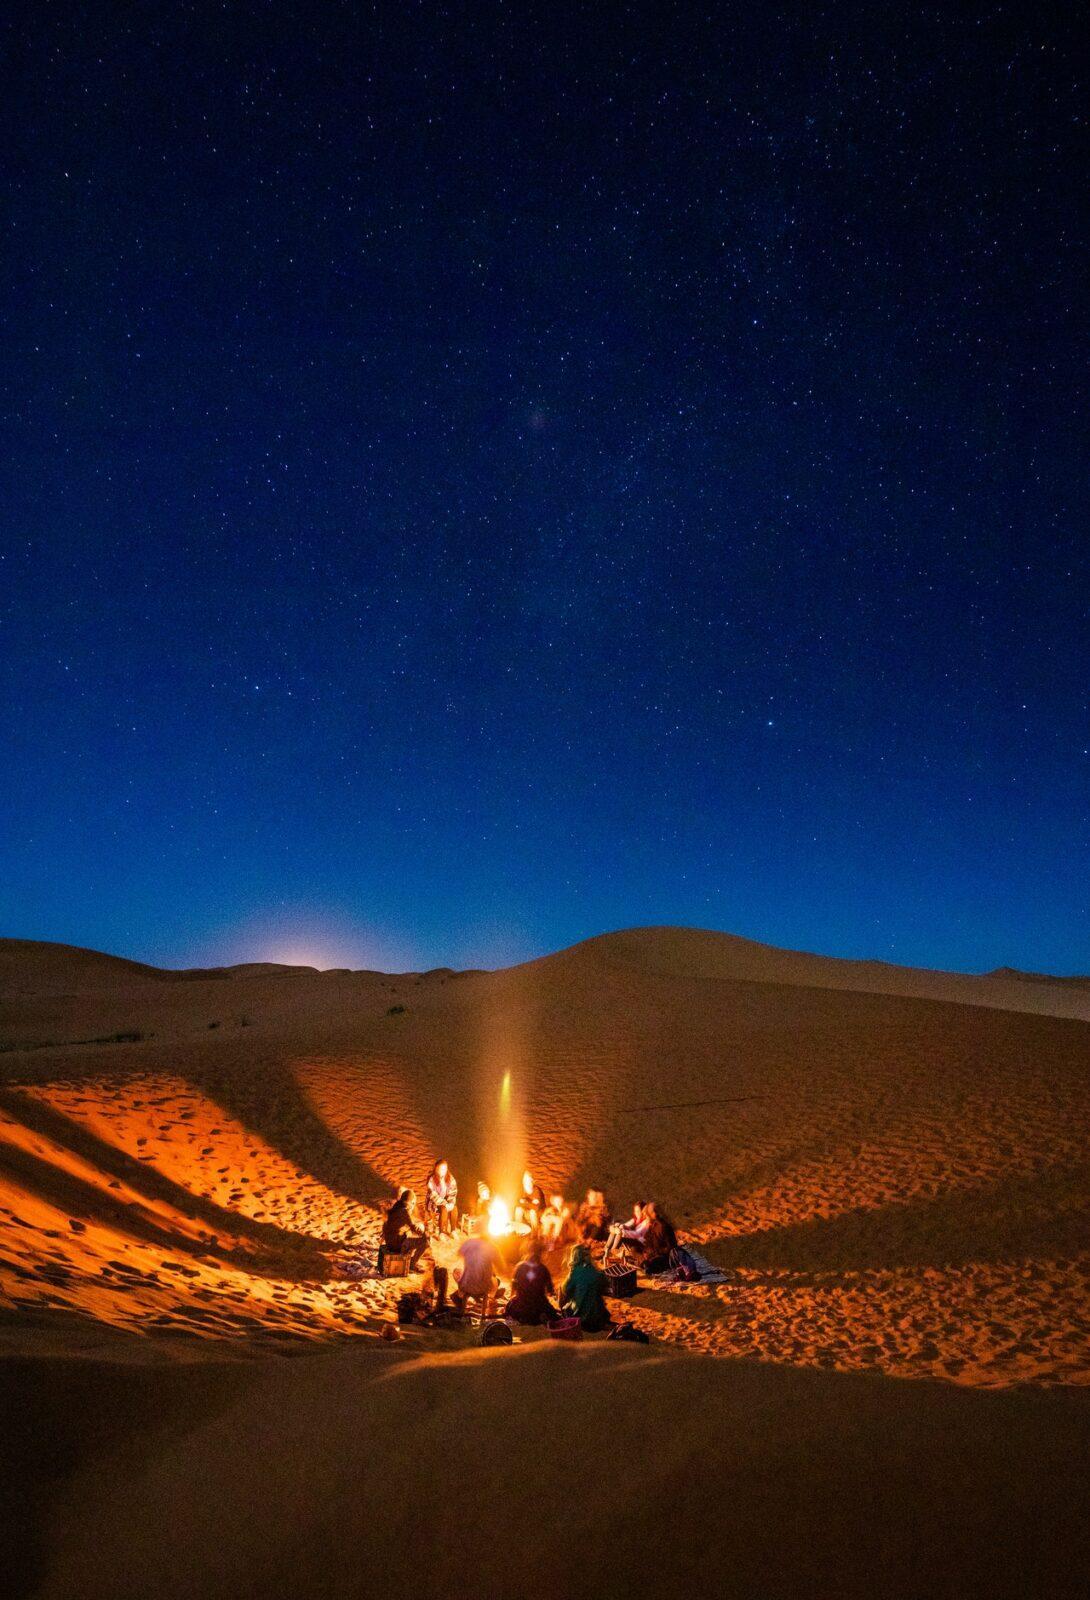 Morocco Tour 6 Days|6 Days Marrakech Desert Tours |Marrakech To Fes Desert Tours